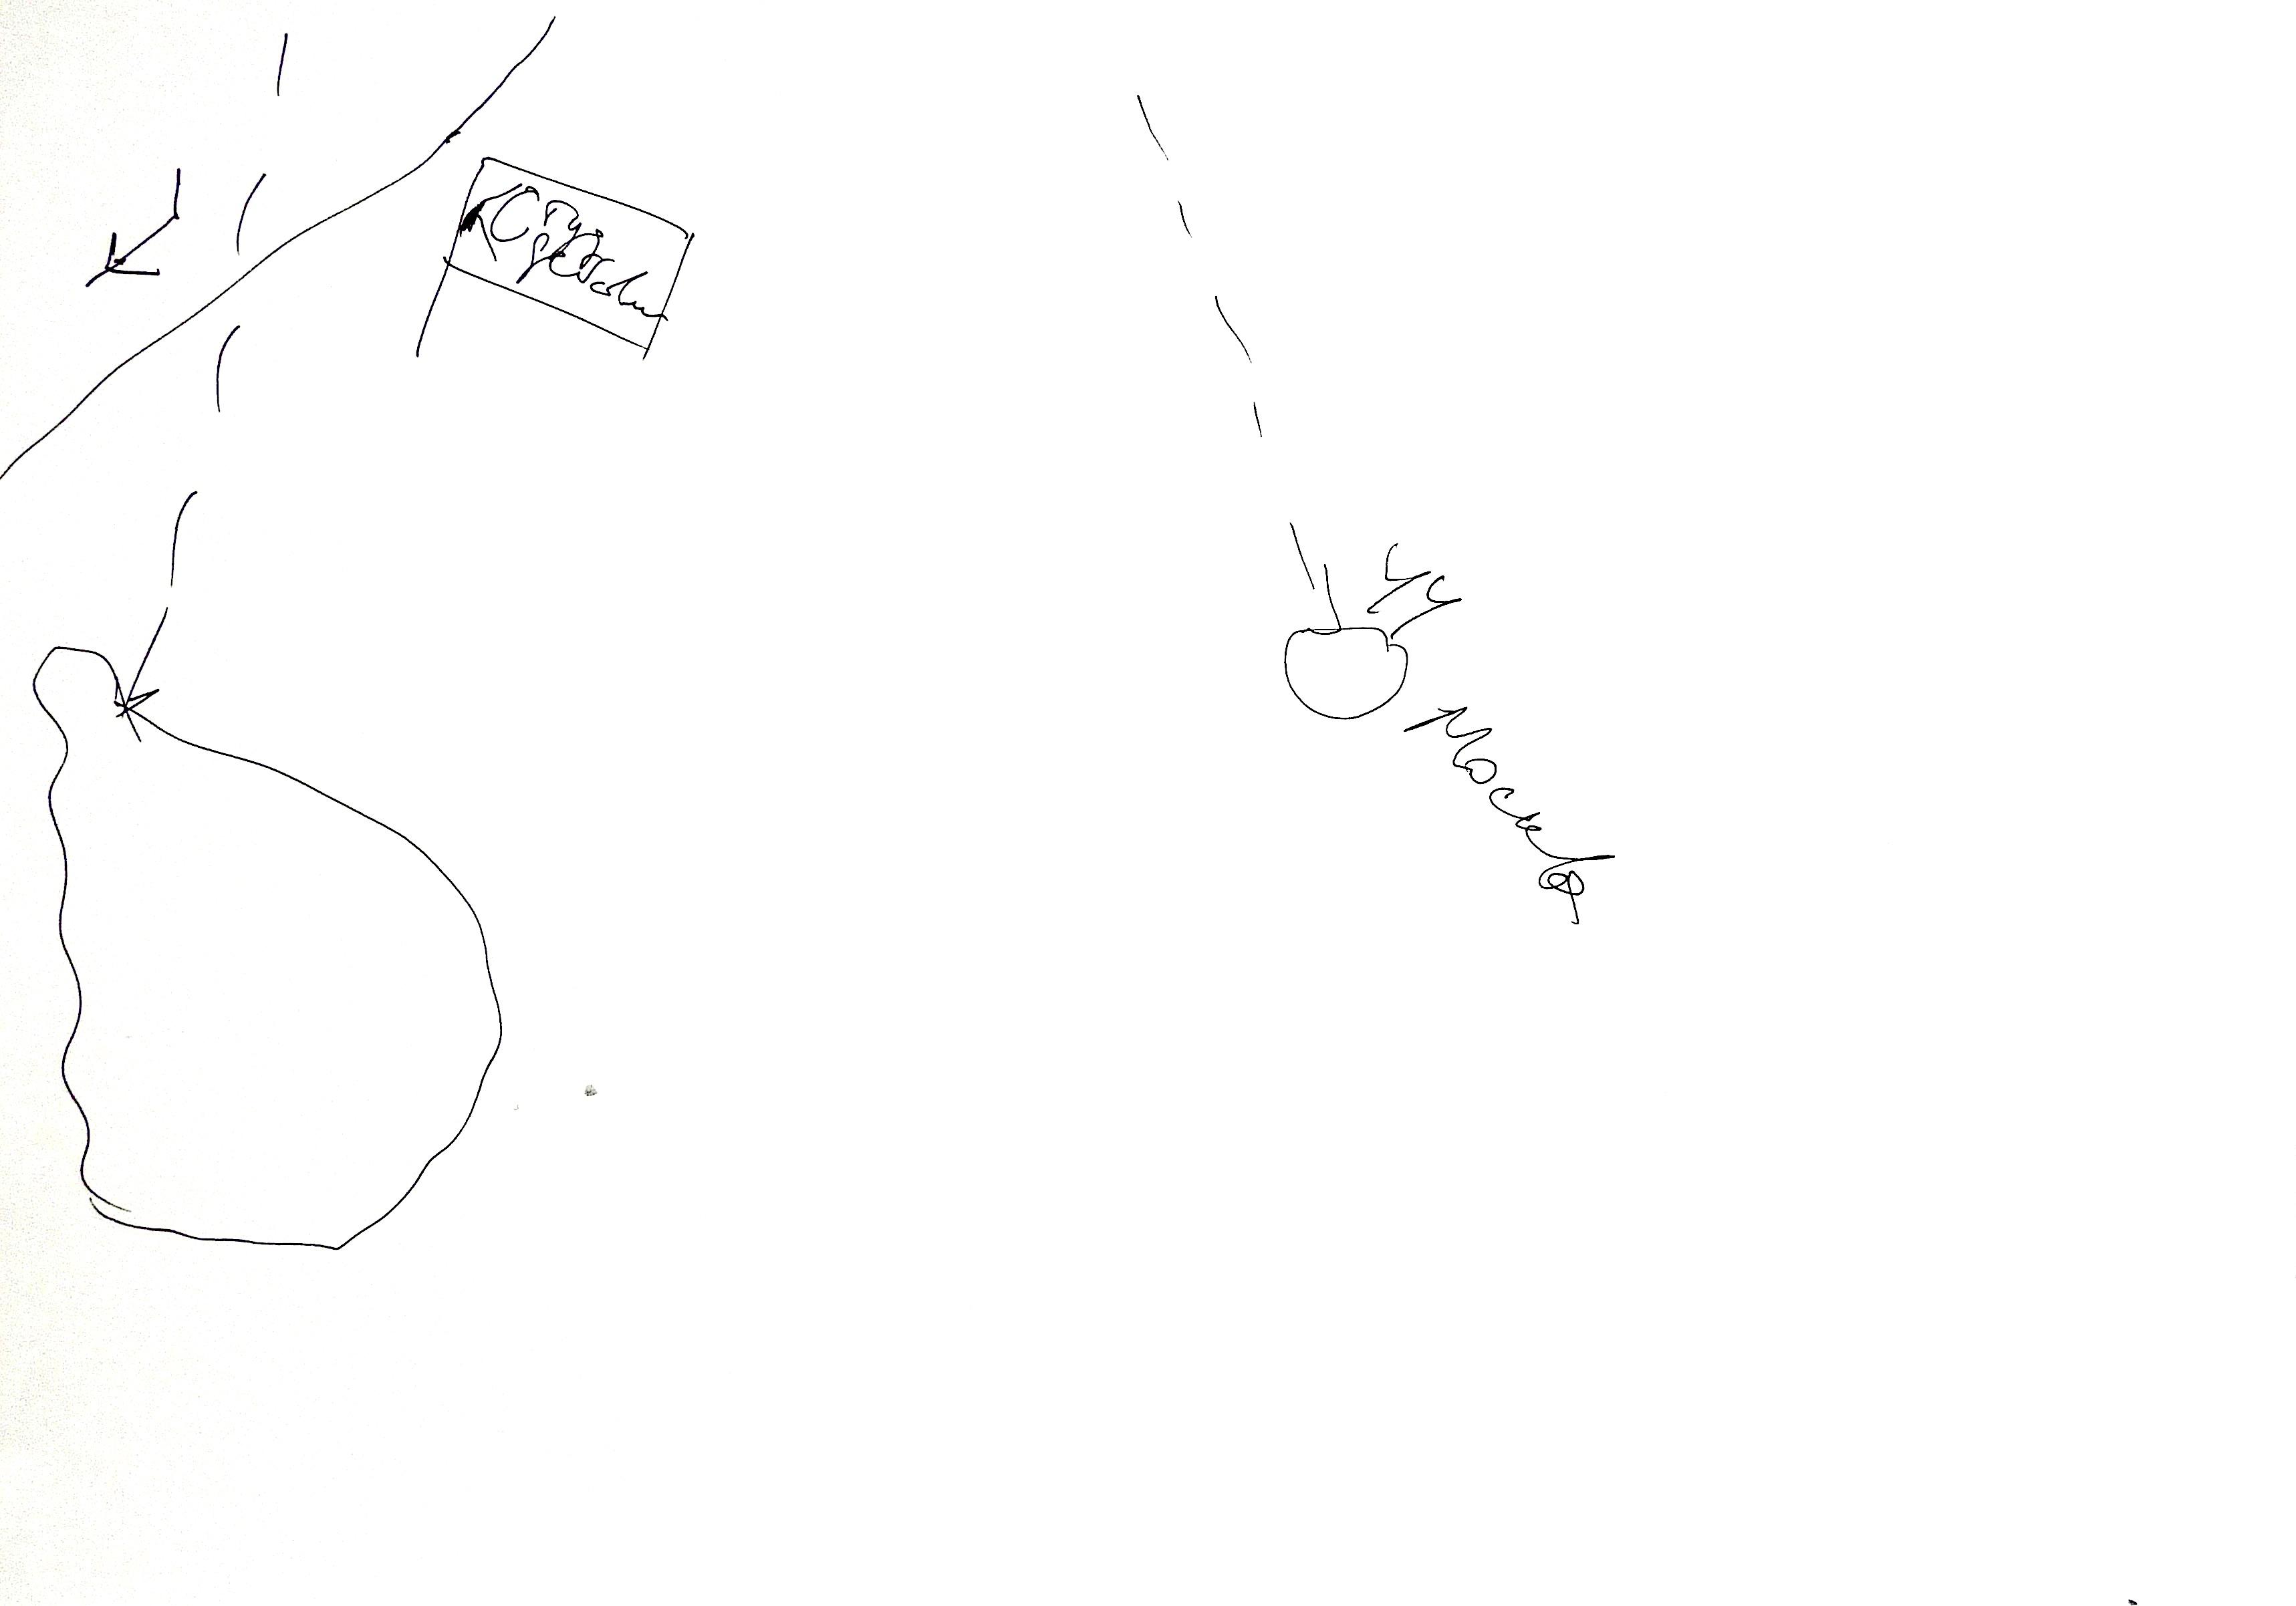 Карта Павла Арсеньева с выставки «Ревизия: места и сообщества». Новая Голландия, 2018 год